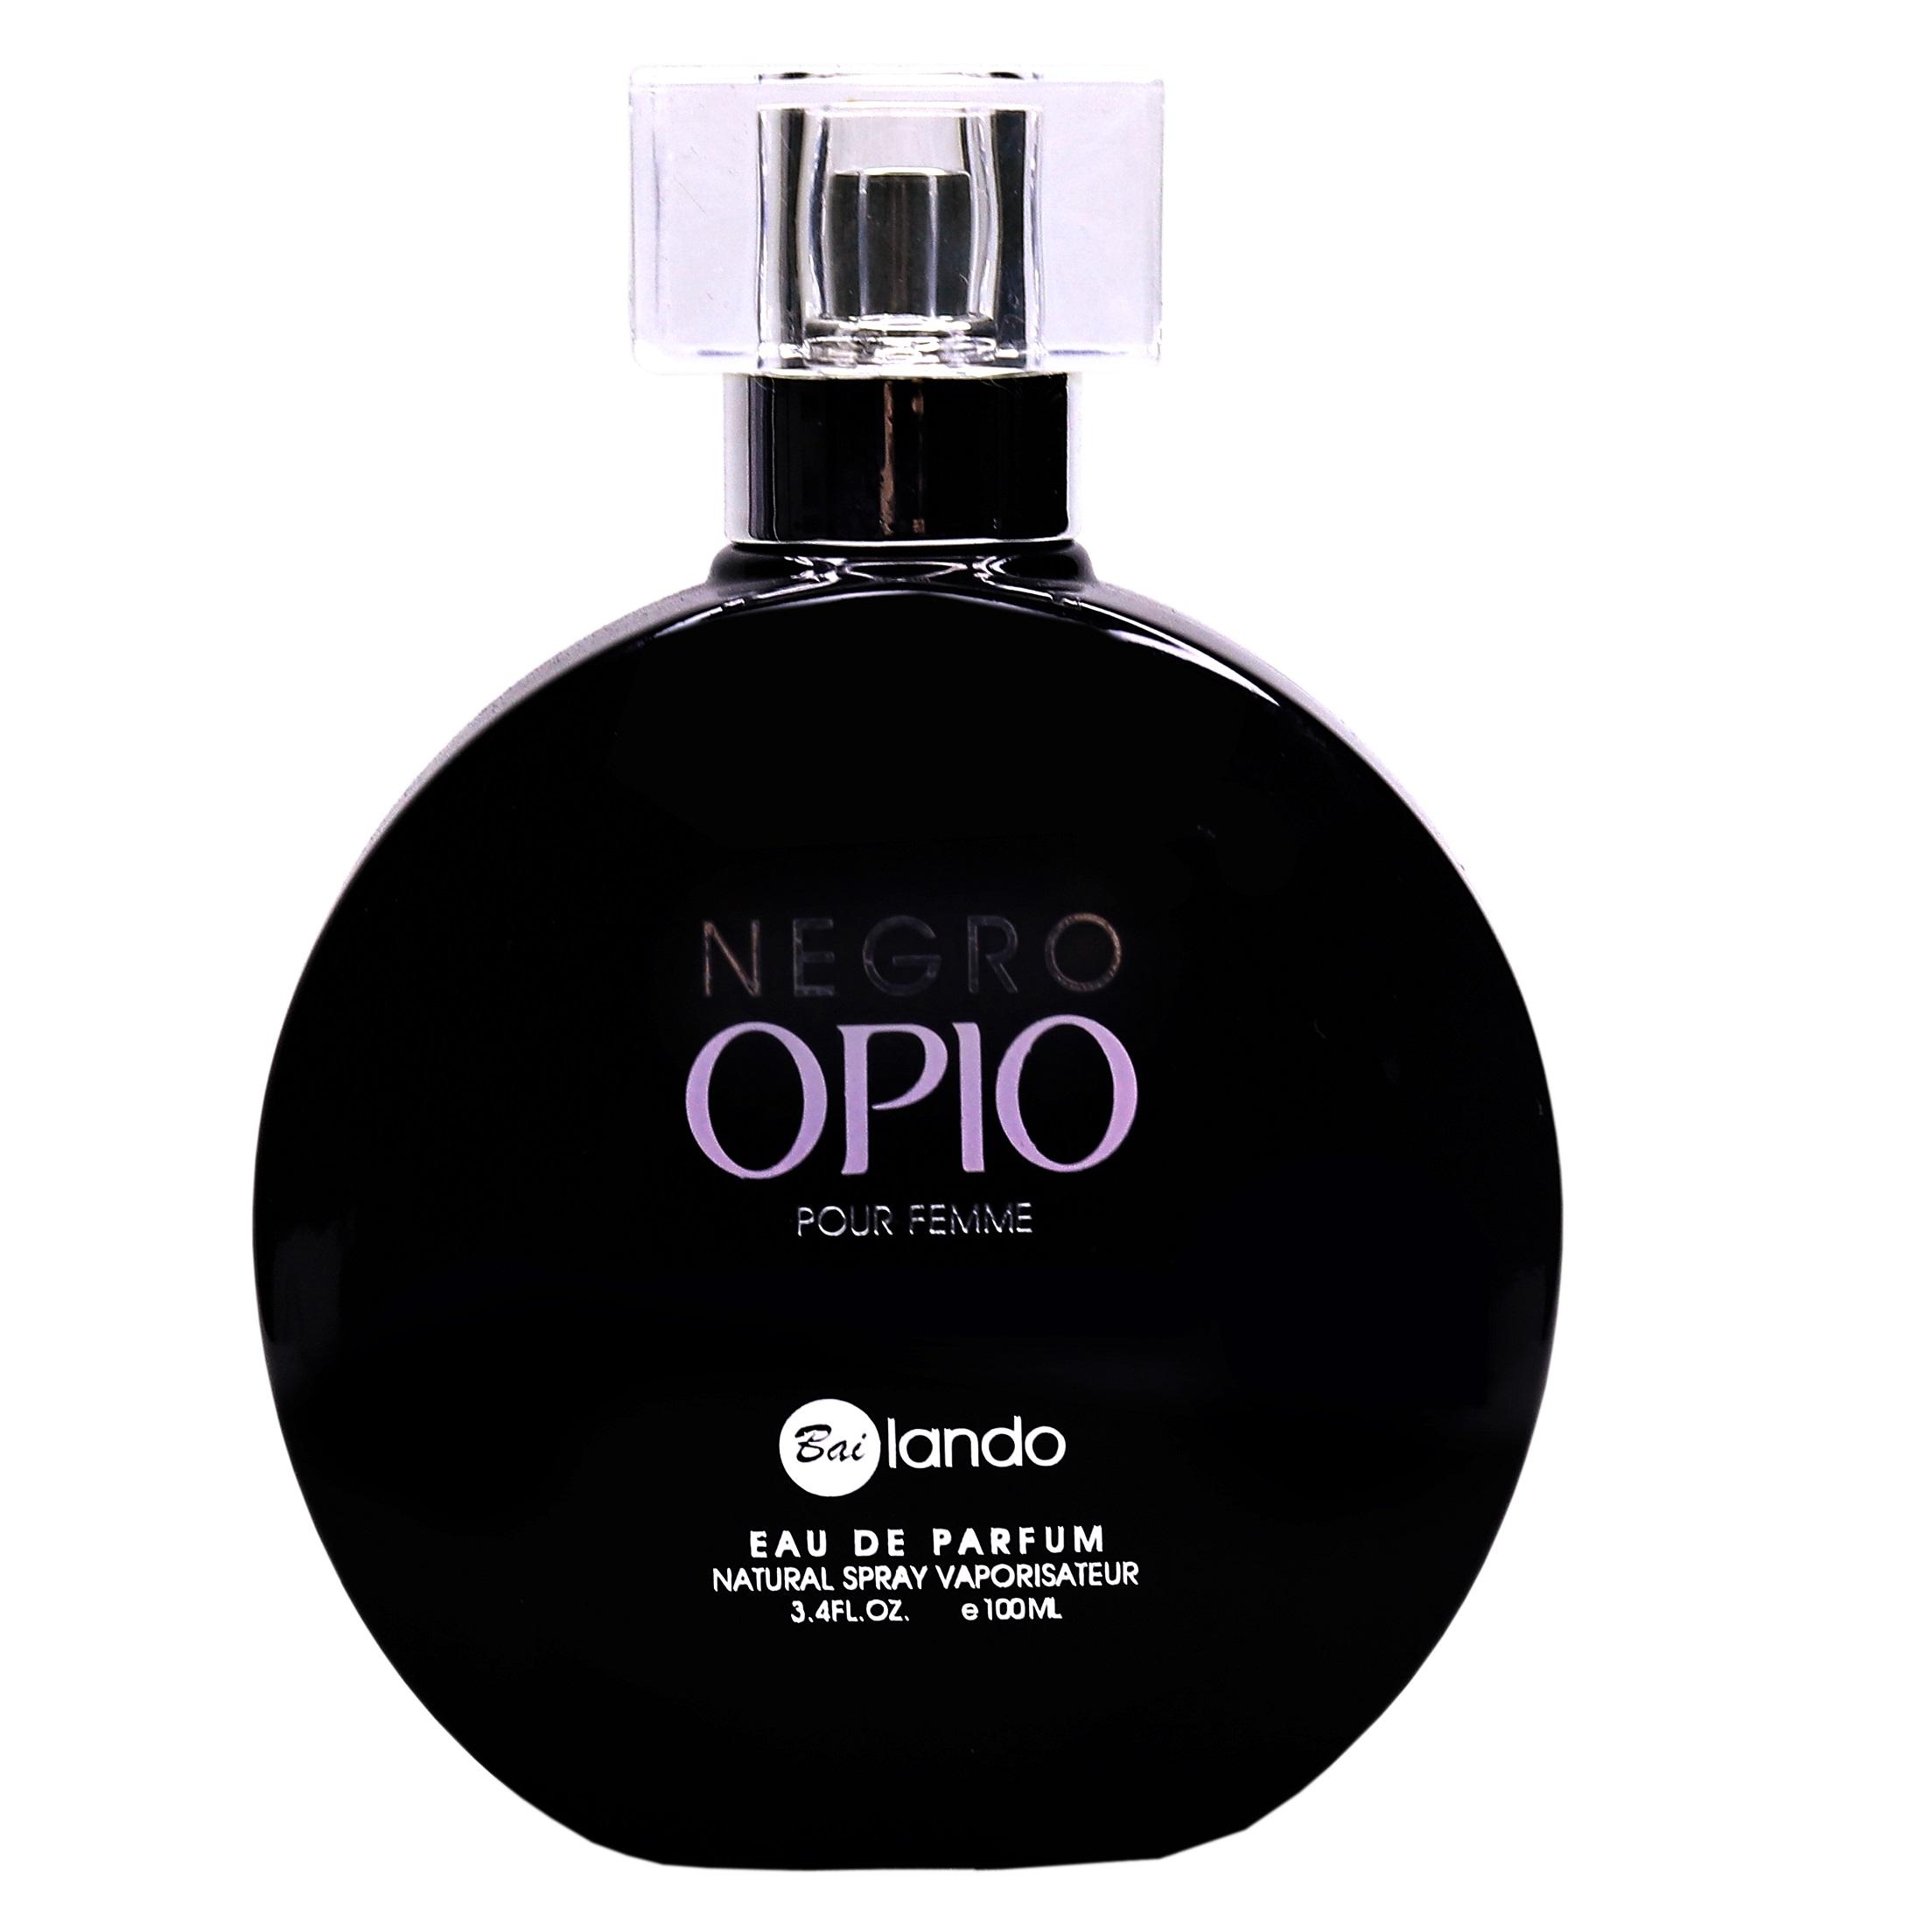 ادو پرفیوم زنانه بایلندو مدل Negro Opio حجم 100 میلی لیتر